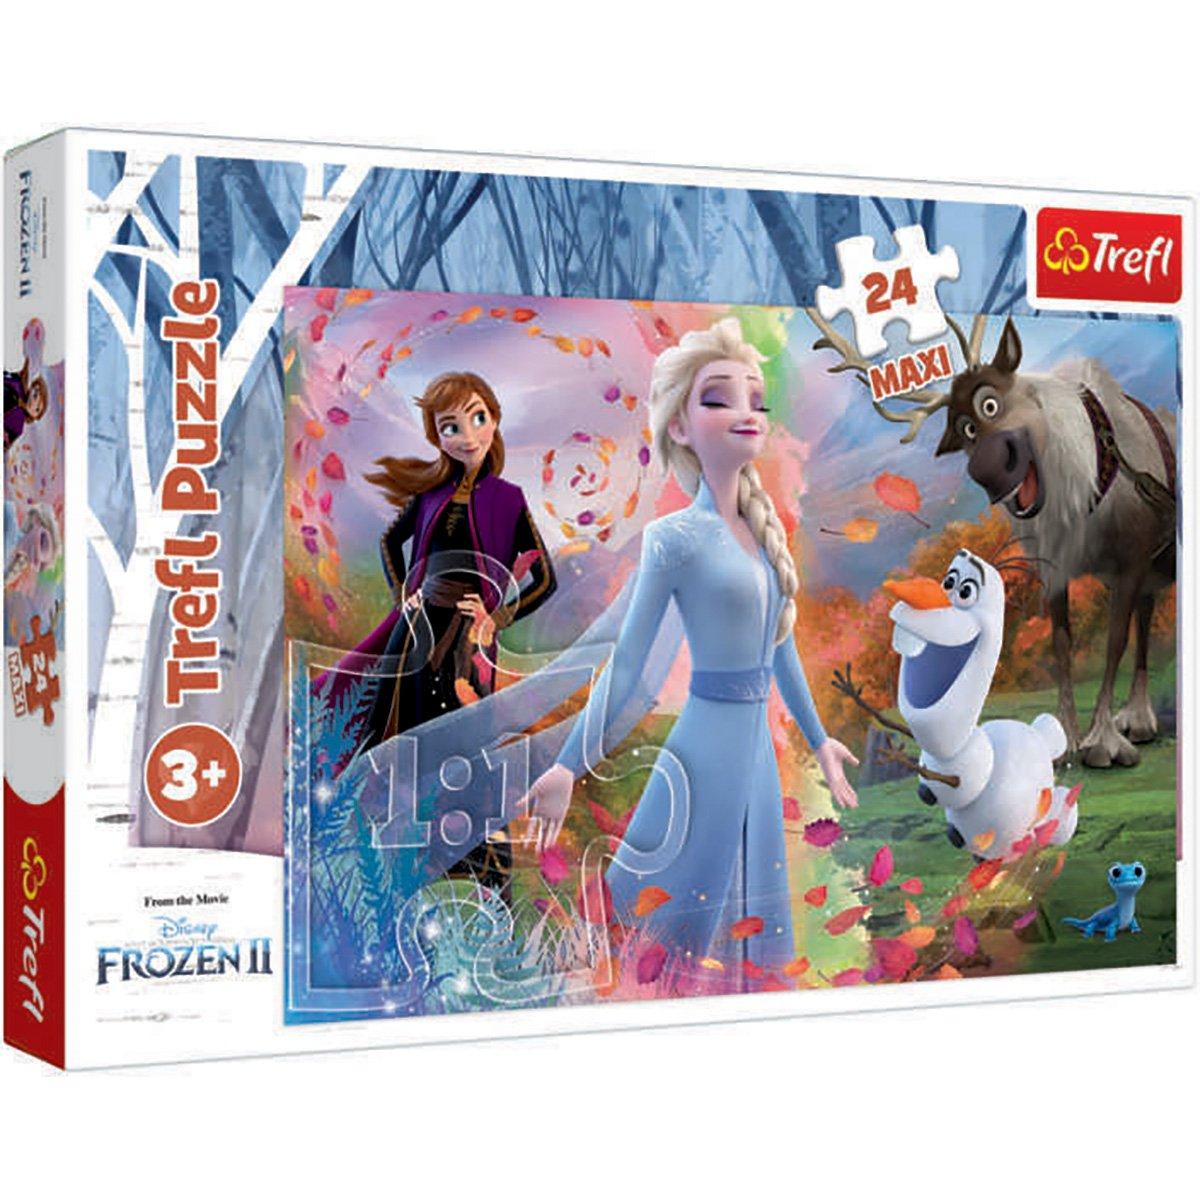 Puzzle Maxi Trefl, Disney Frozen 2, In cautarea aventurii, 24 piese